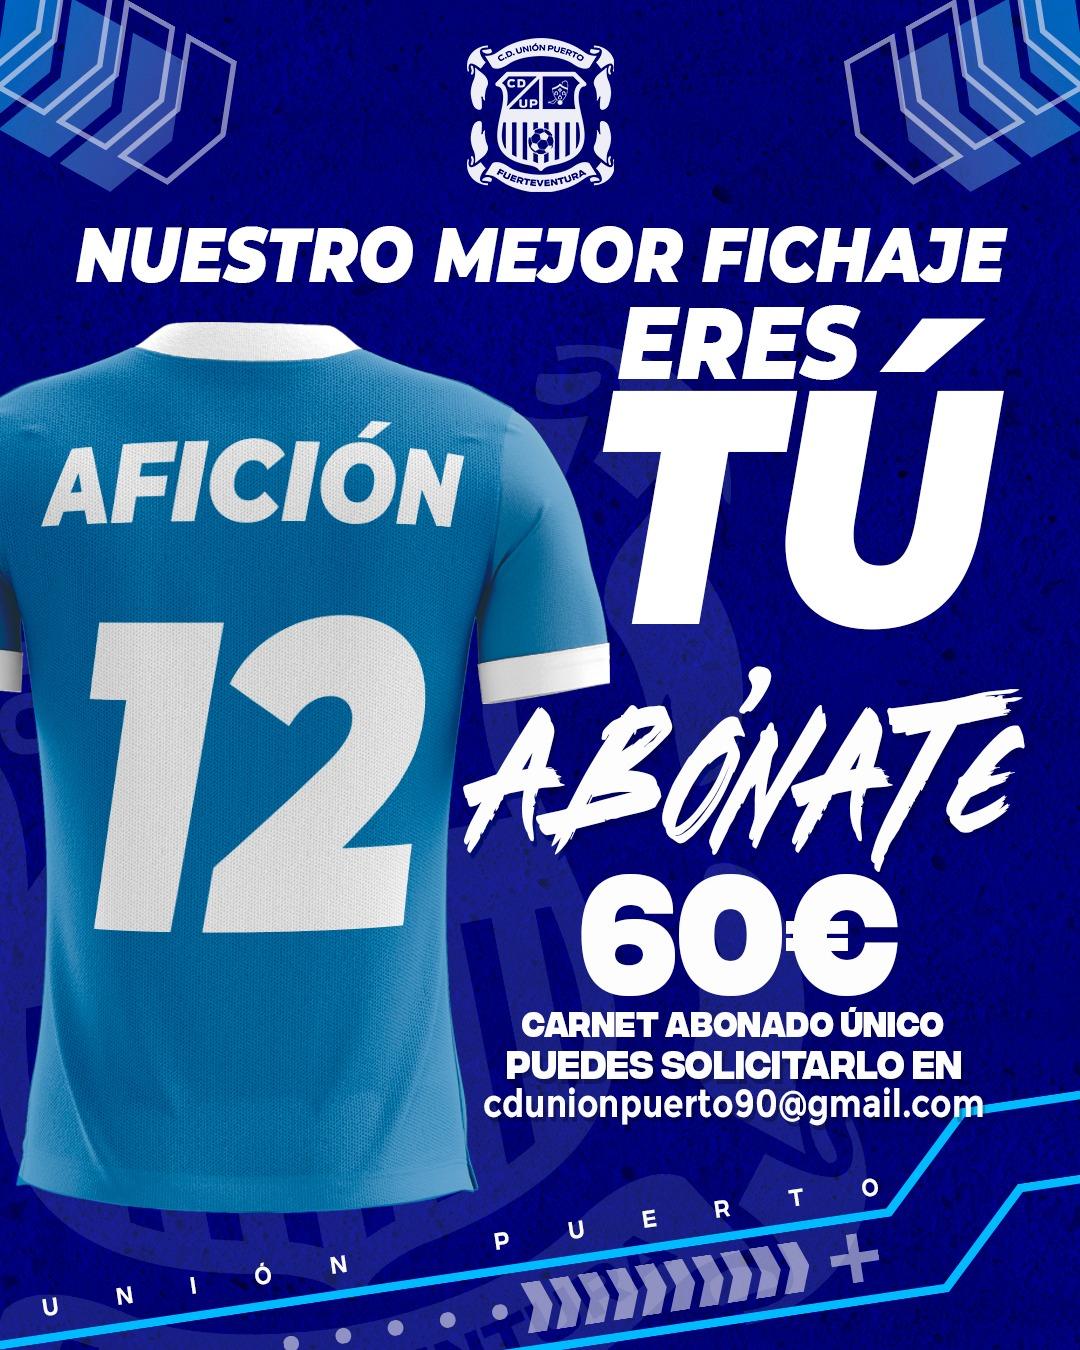 WhatsApp-Image-2021-07-16-at-12.18.10-1 Agoney Suárez ficha por el Unión Puerto